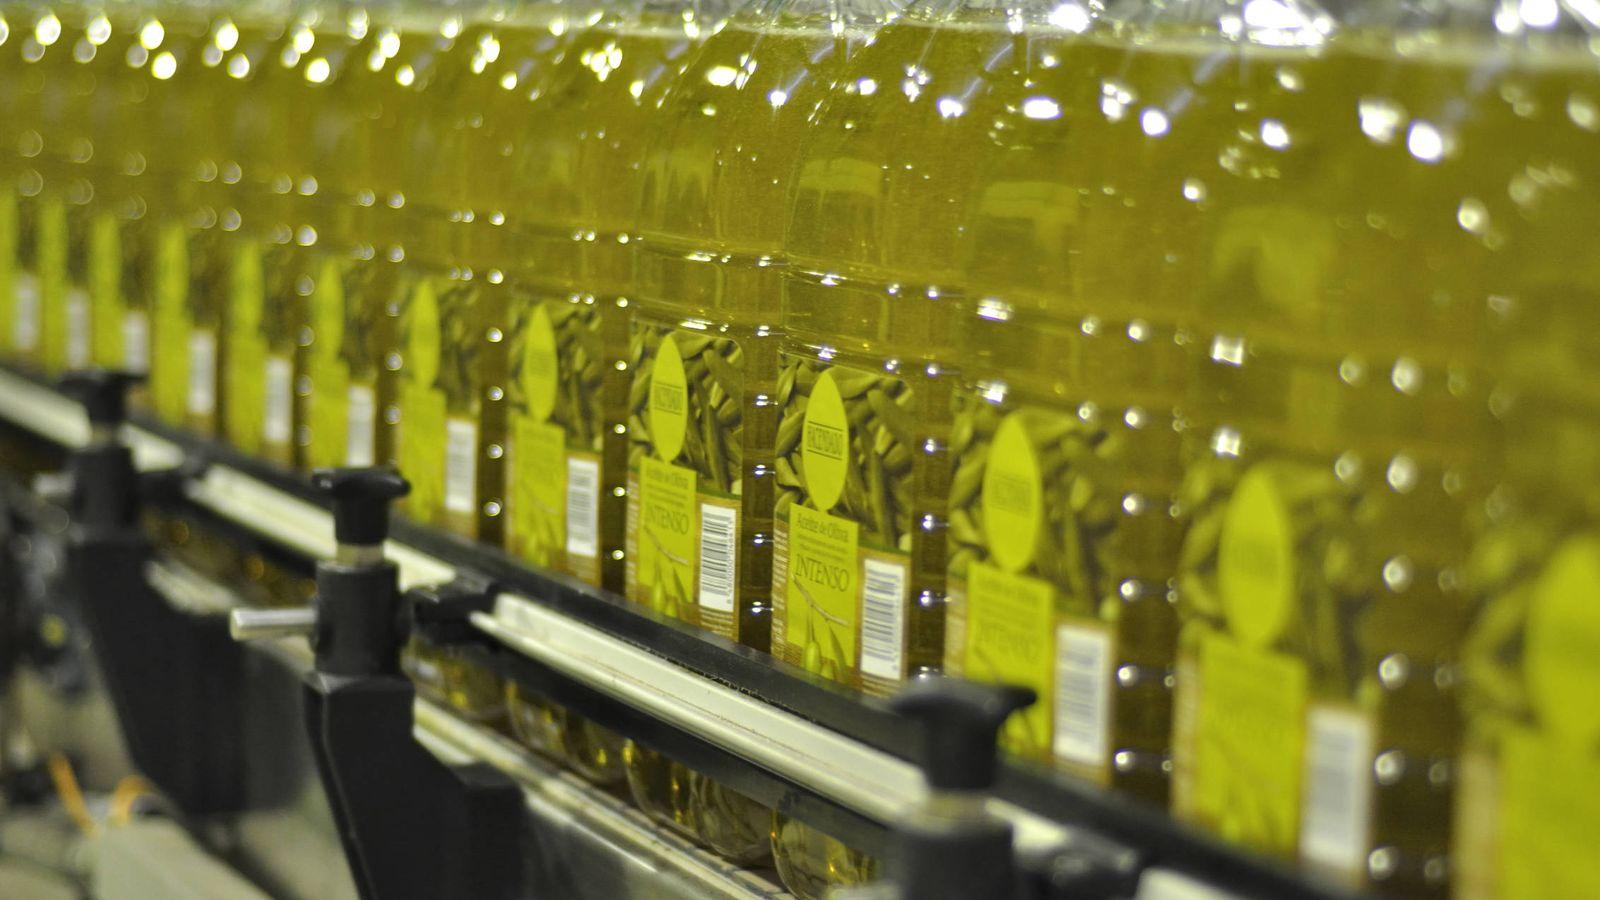 Foto: Embotellado de aceite en la fábrica de Sovena en Sevilla. (Sovena)